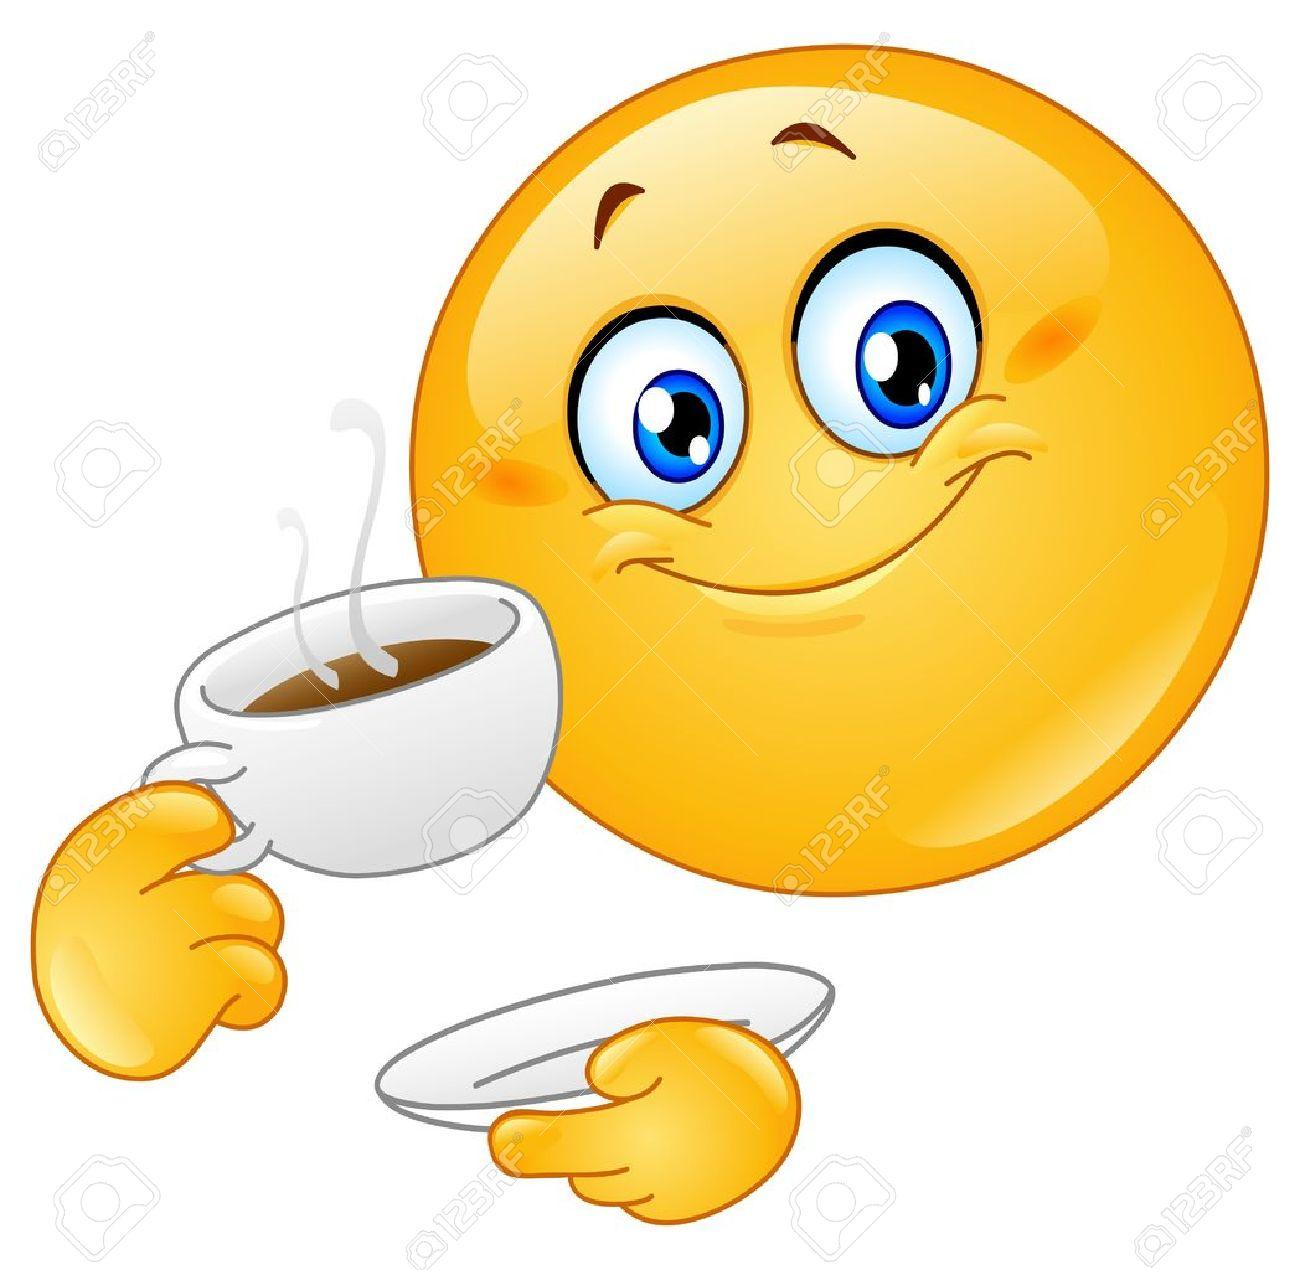 Emoticon drinking coffee Stock Vector - 9217662